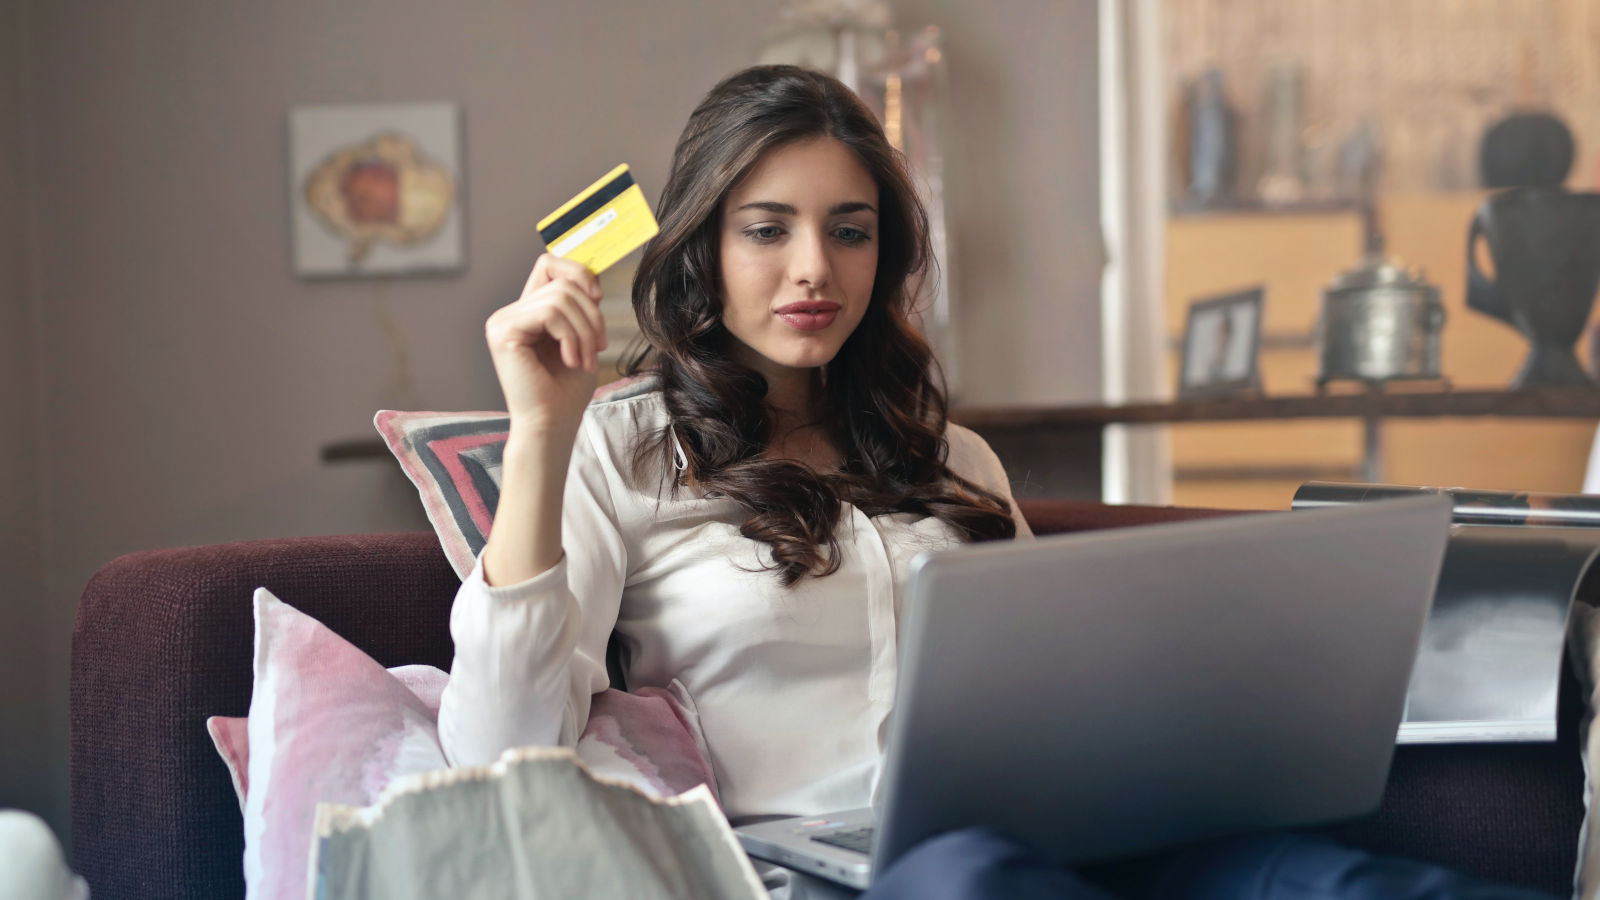 Onlineshopperin mit Laptop und Kreditkarte